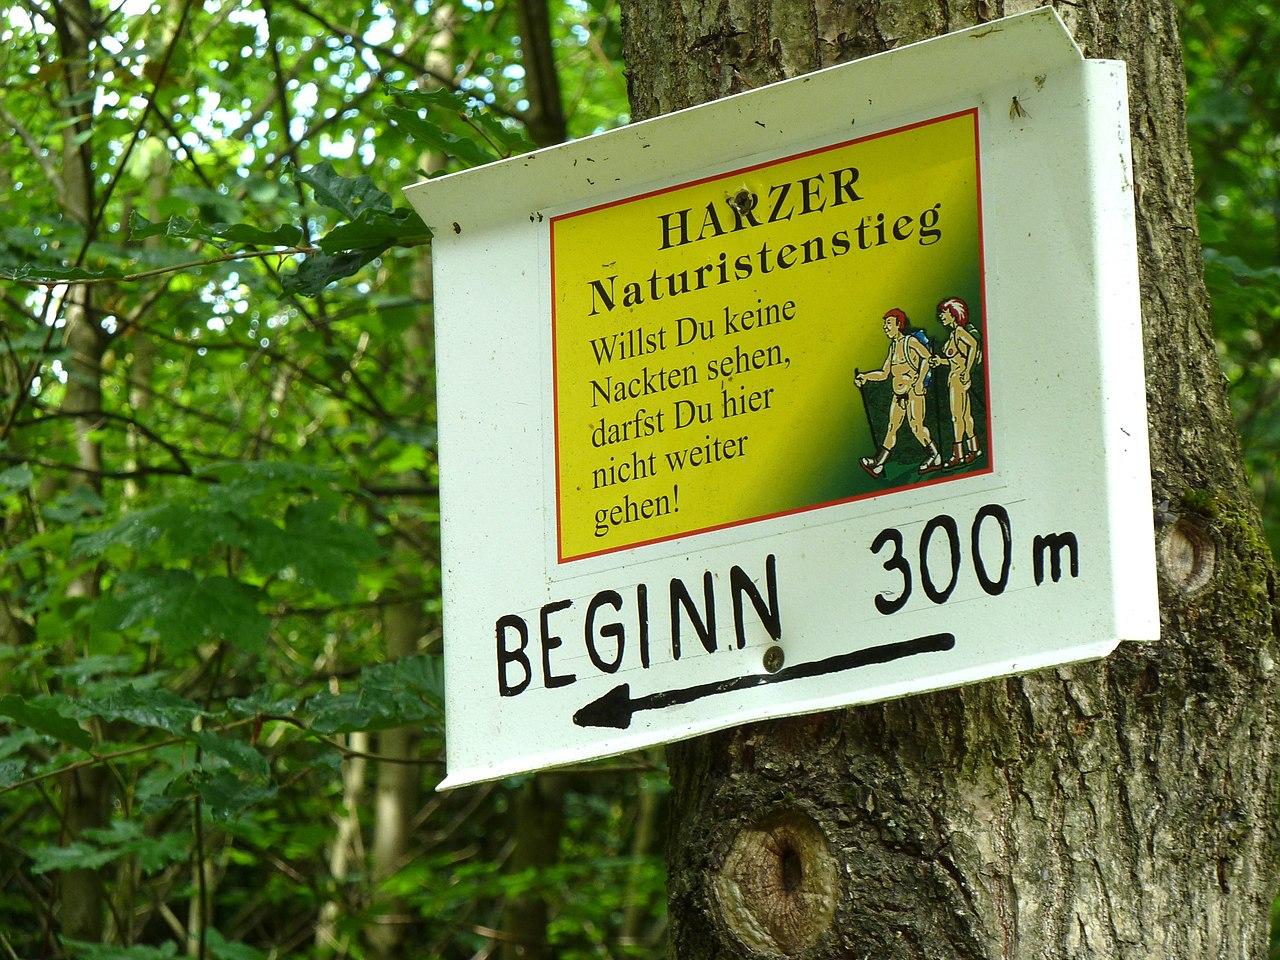 [Afbeelding: 1280px-Harzer_Naturistenstieg_beginn_300_meter.jpg]